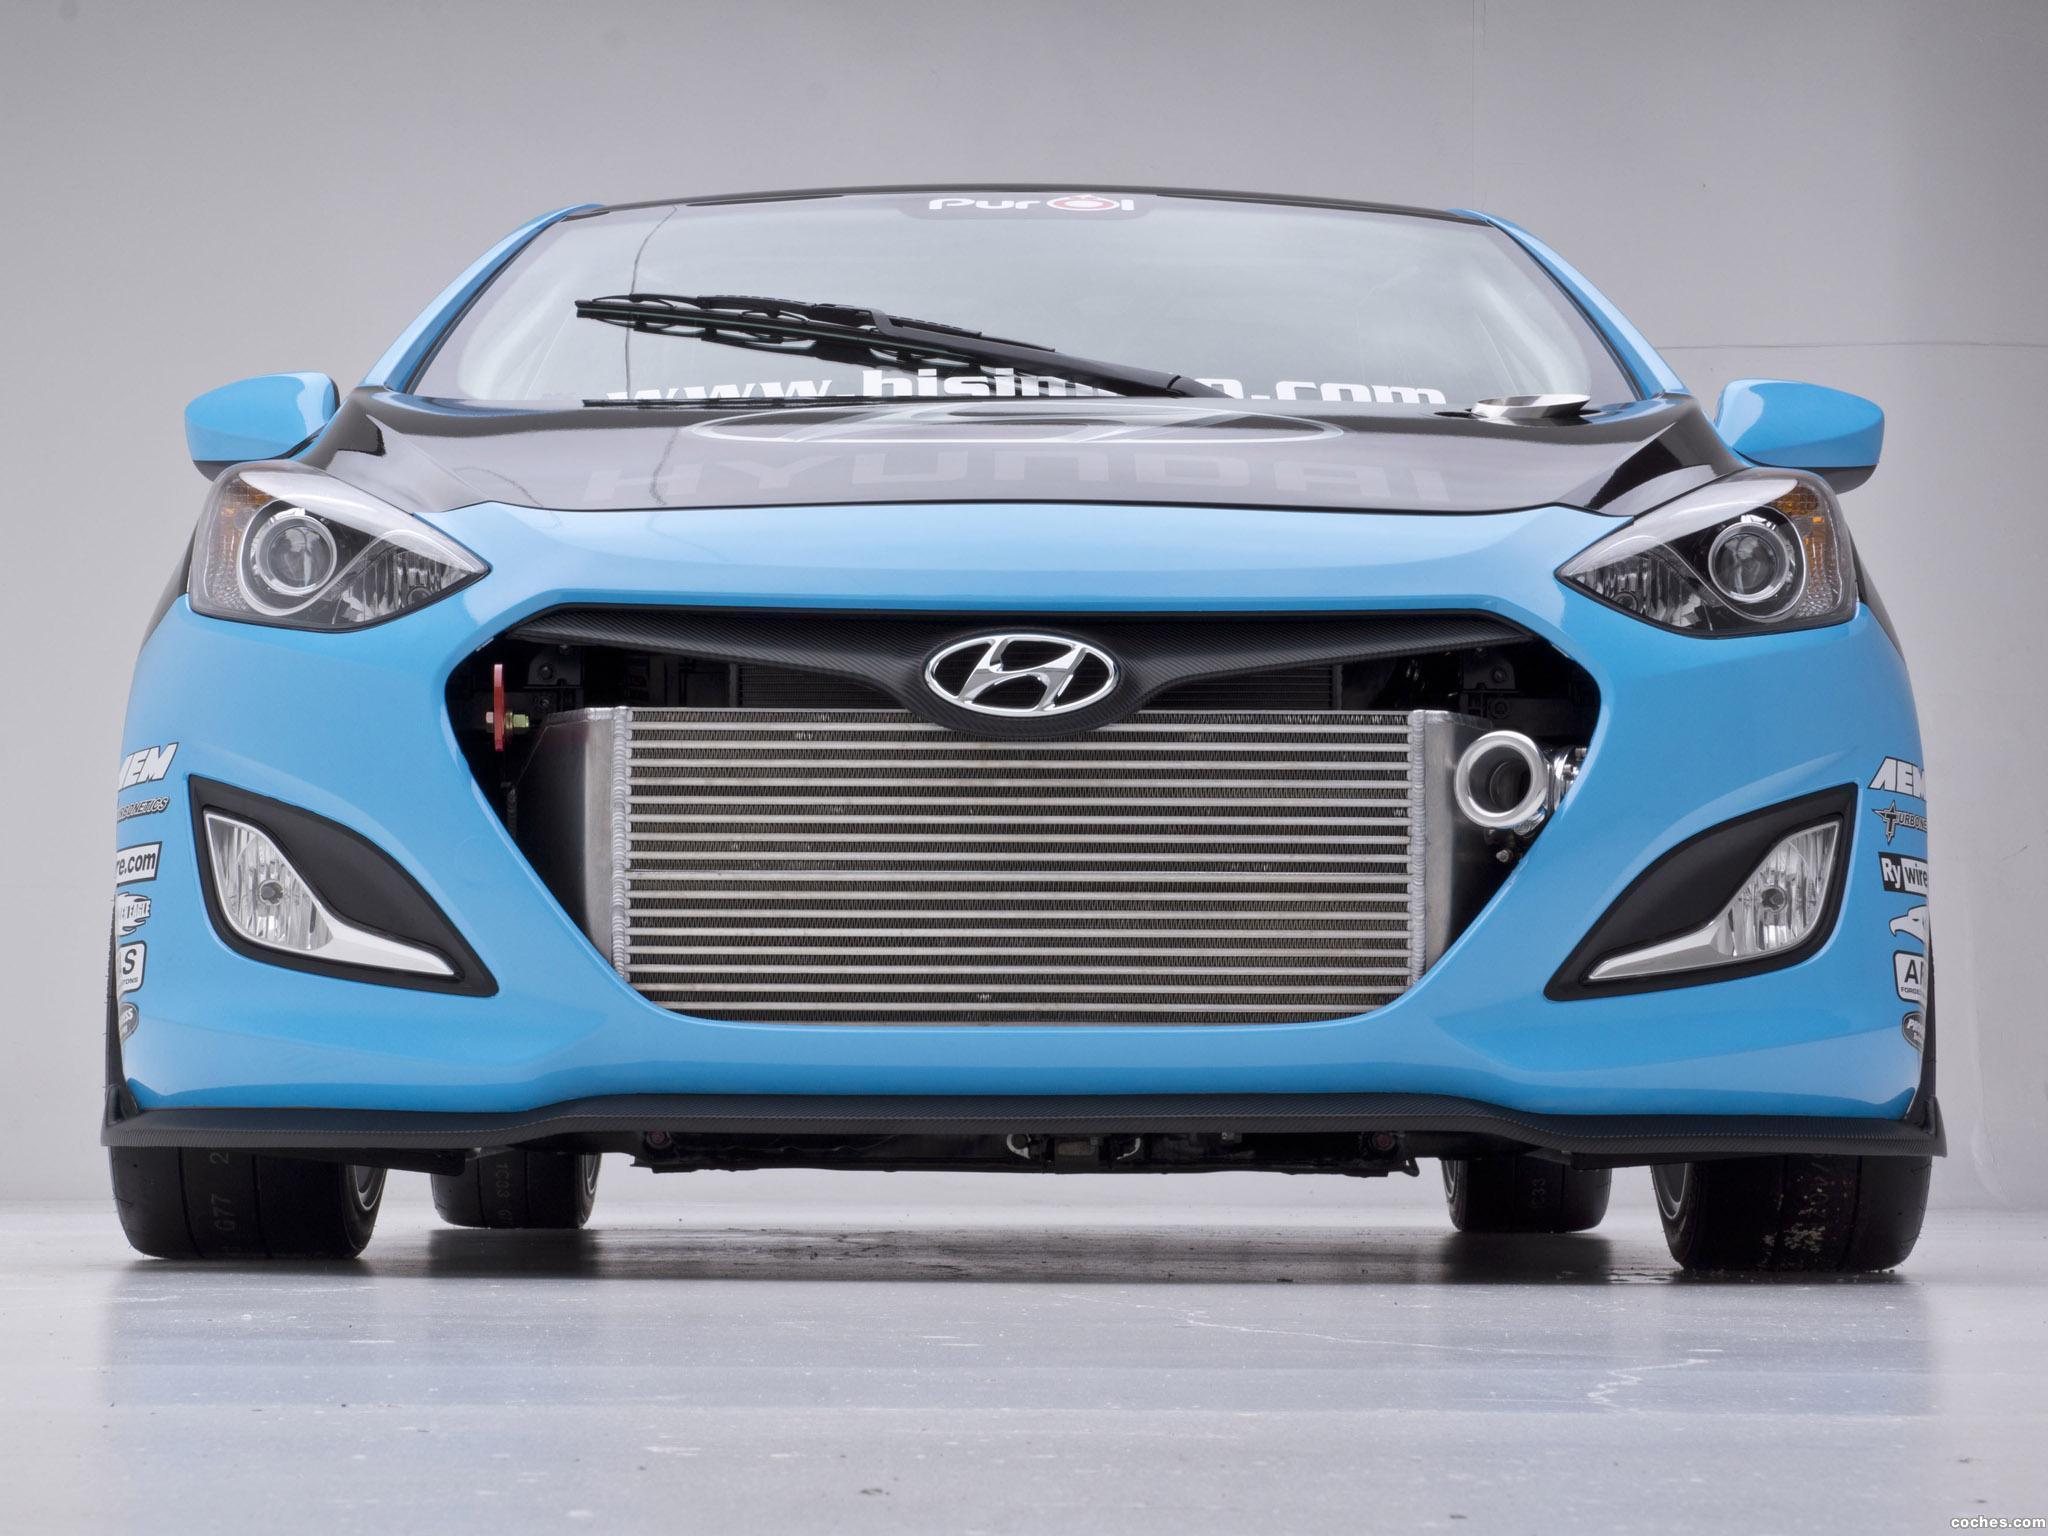 Foto 1 de Hyundai Elantra GT Concept by Bisimoto Engineering 2012